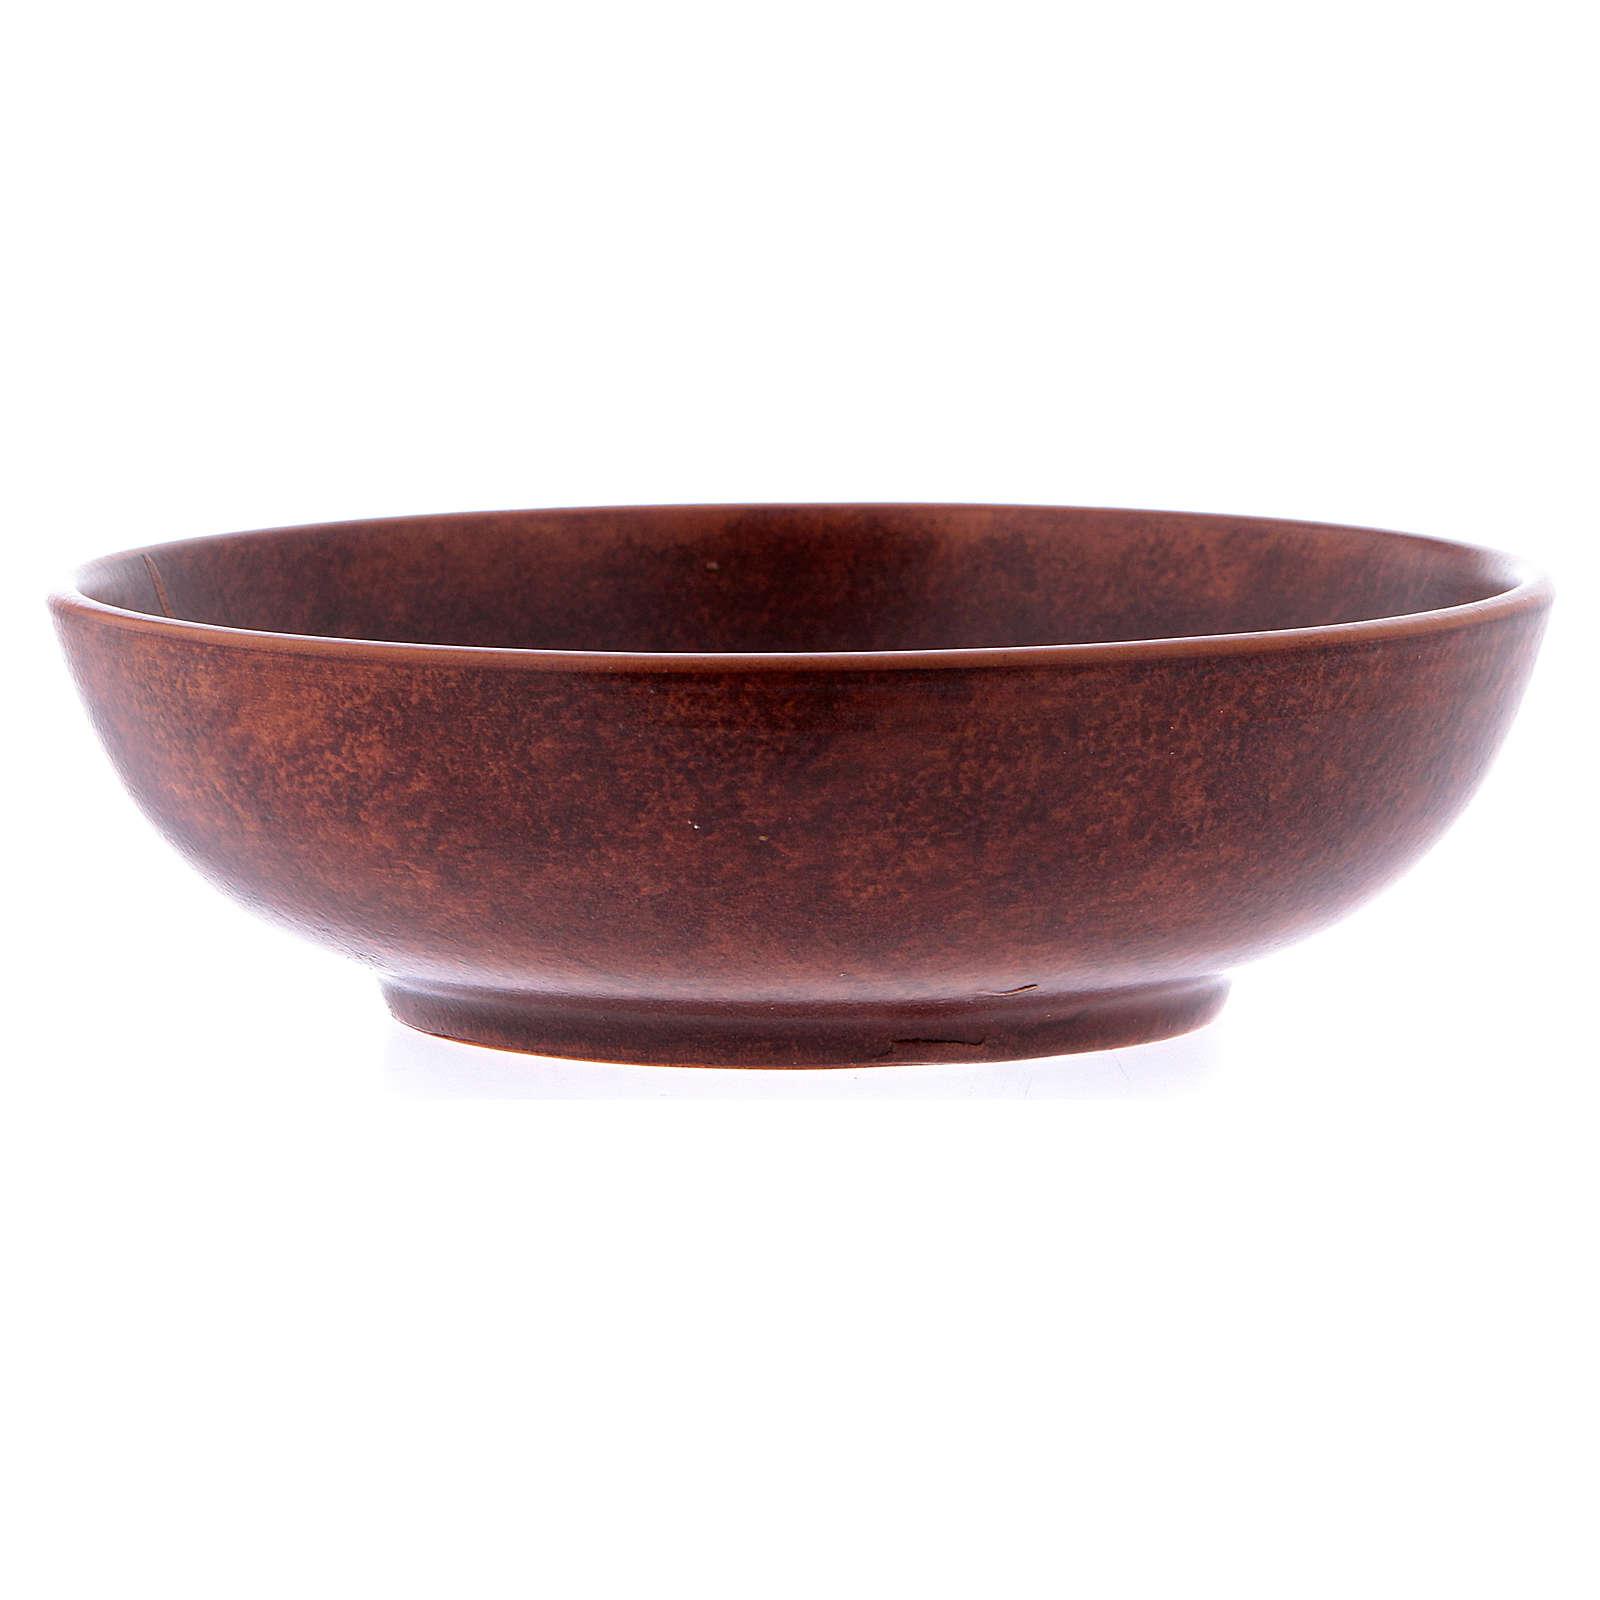 Ceramic paten 16 cm, leather color 4